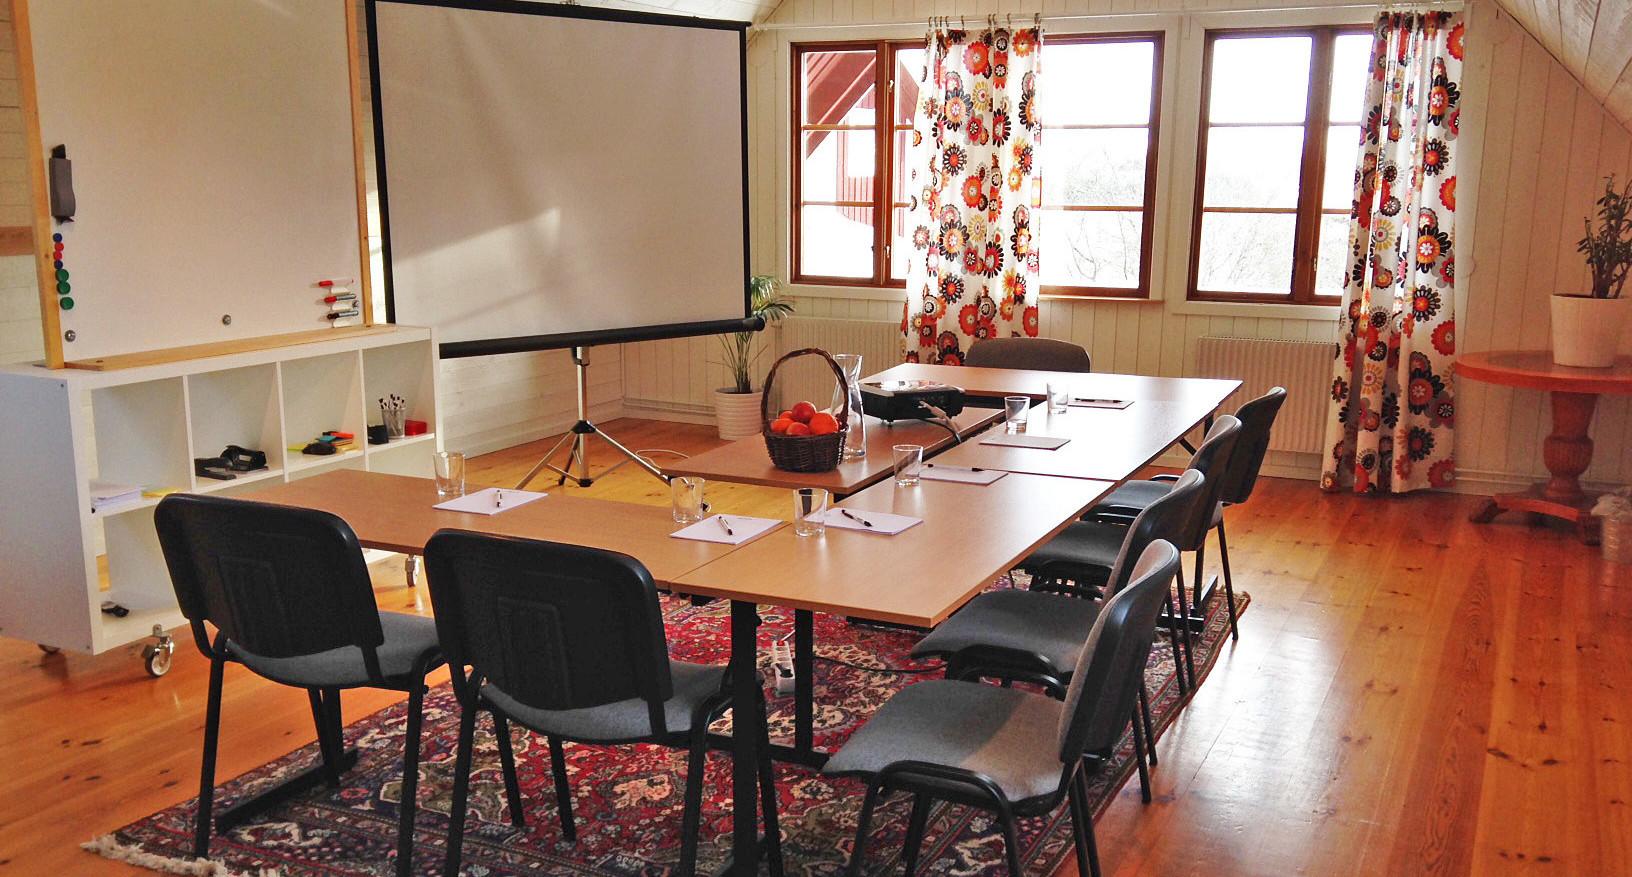 Litet konferensrum med bord och stolar samt projektorduk